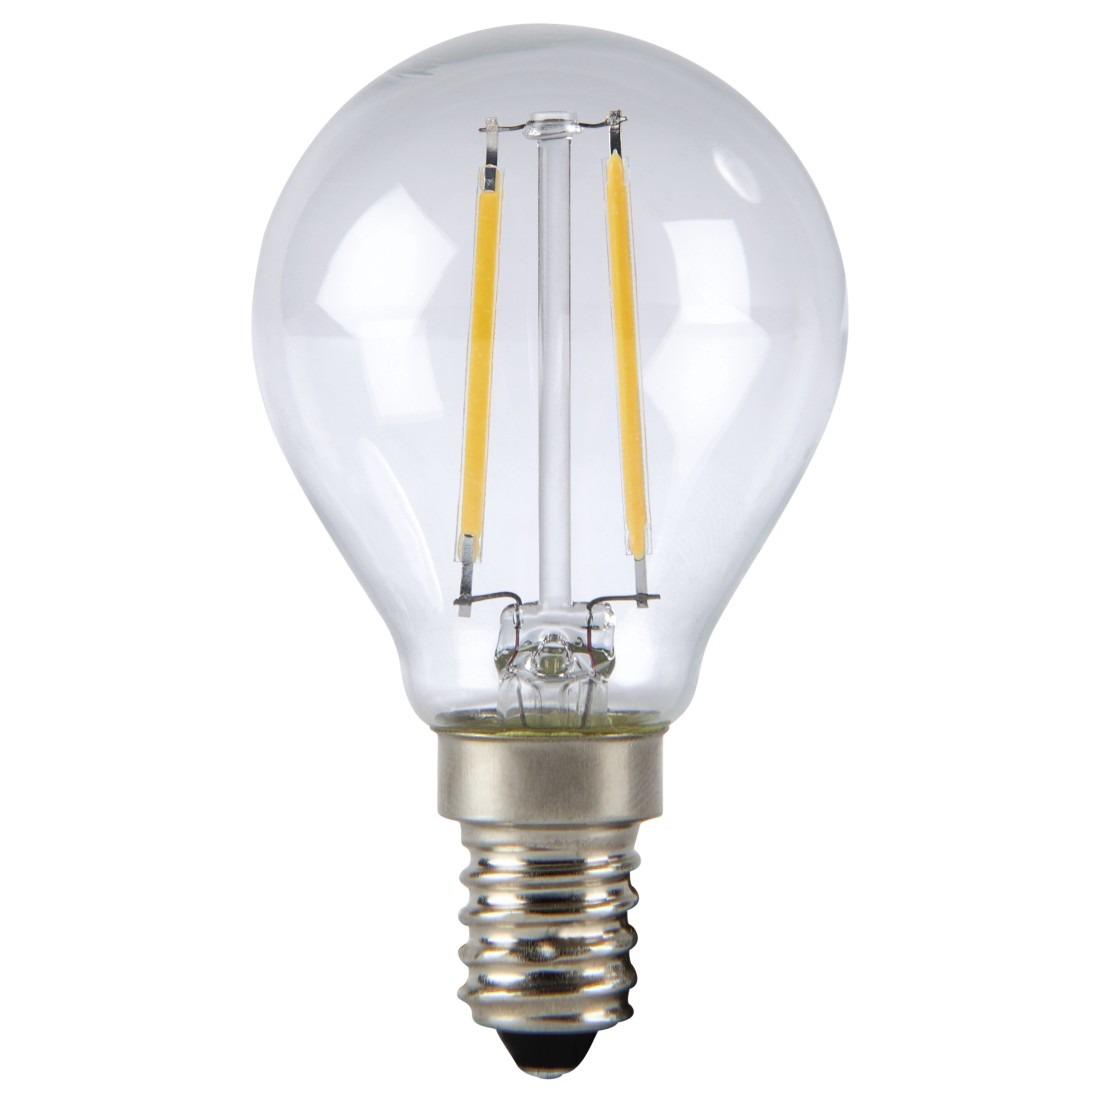 Korting Xavax Led gloeidraad, E14, 250lm vervangt 25W, druppellamp